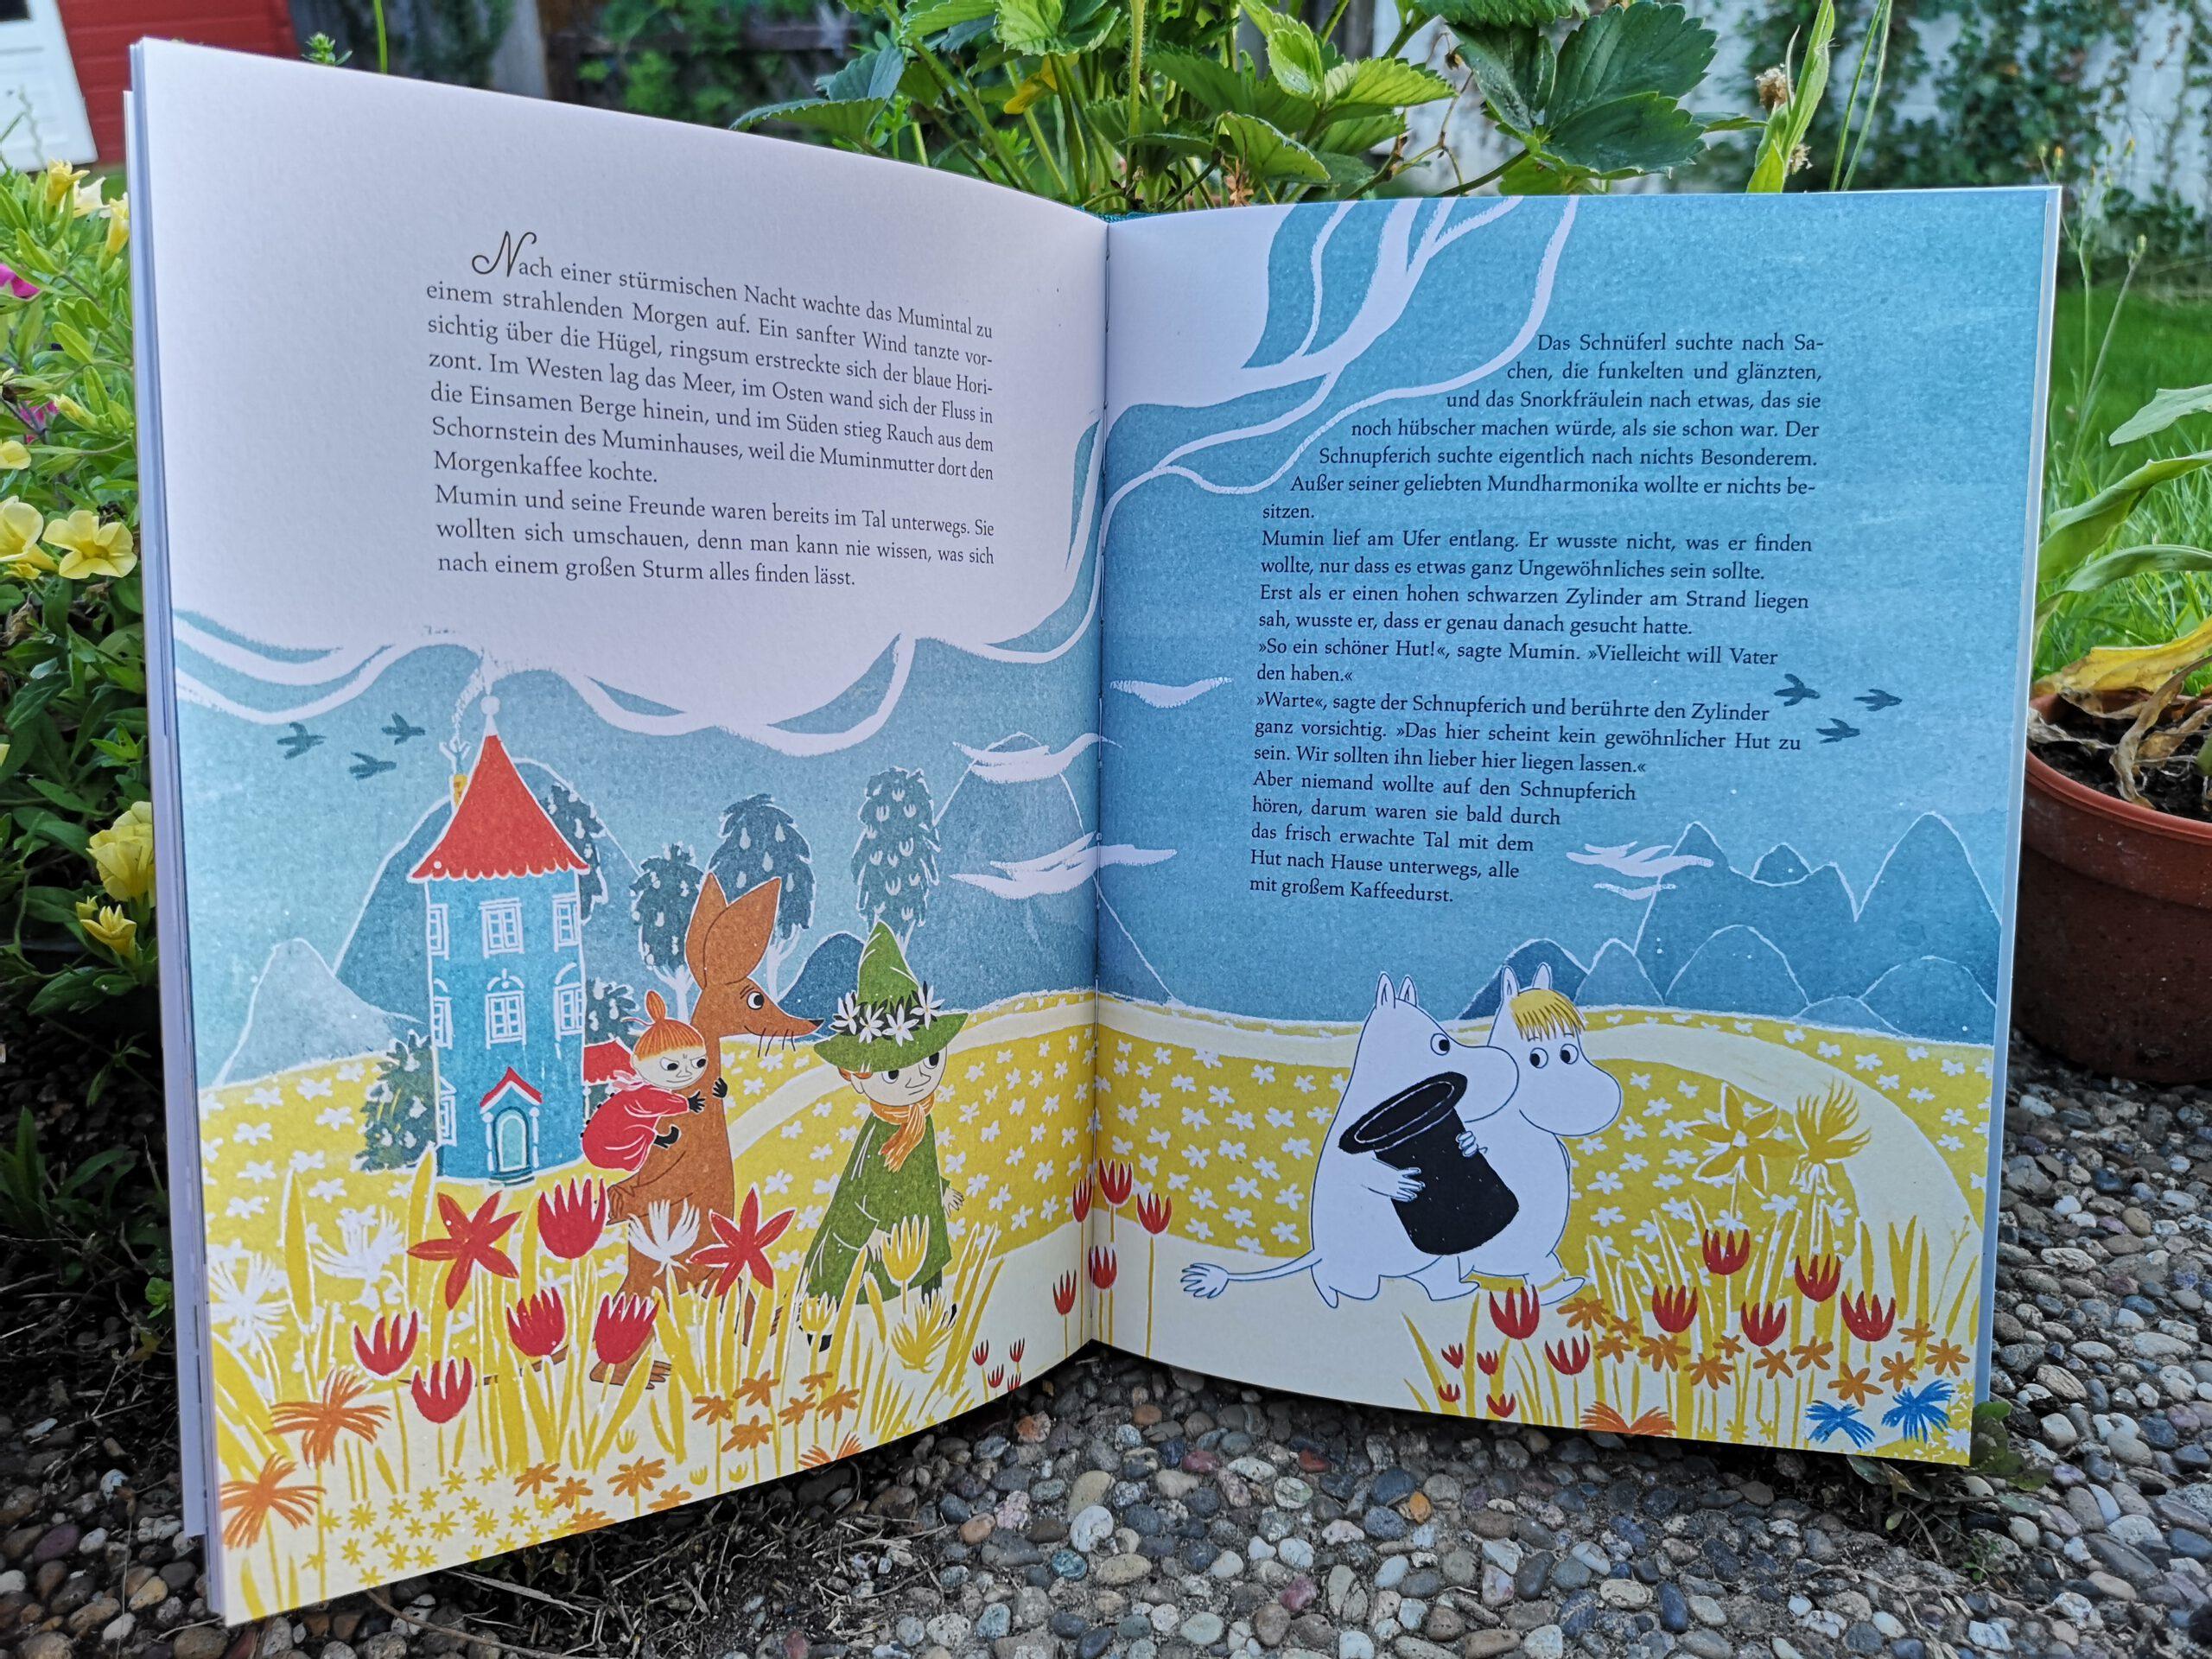 Abenteuer im Mumintal – nach Erzählungen von Tove Jansson